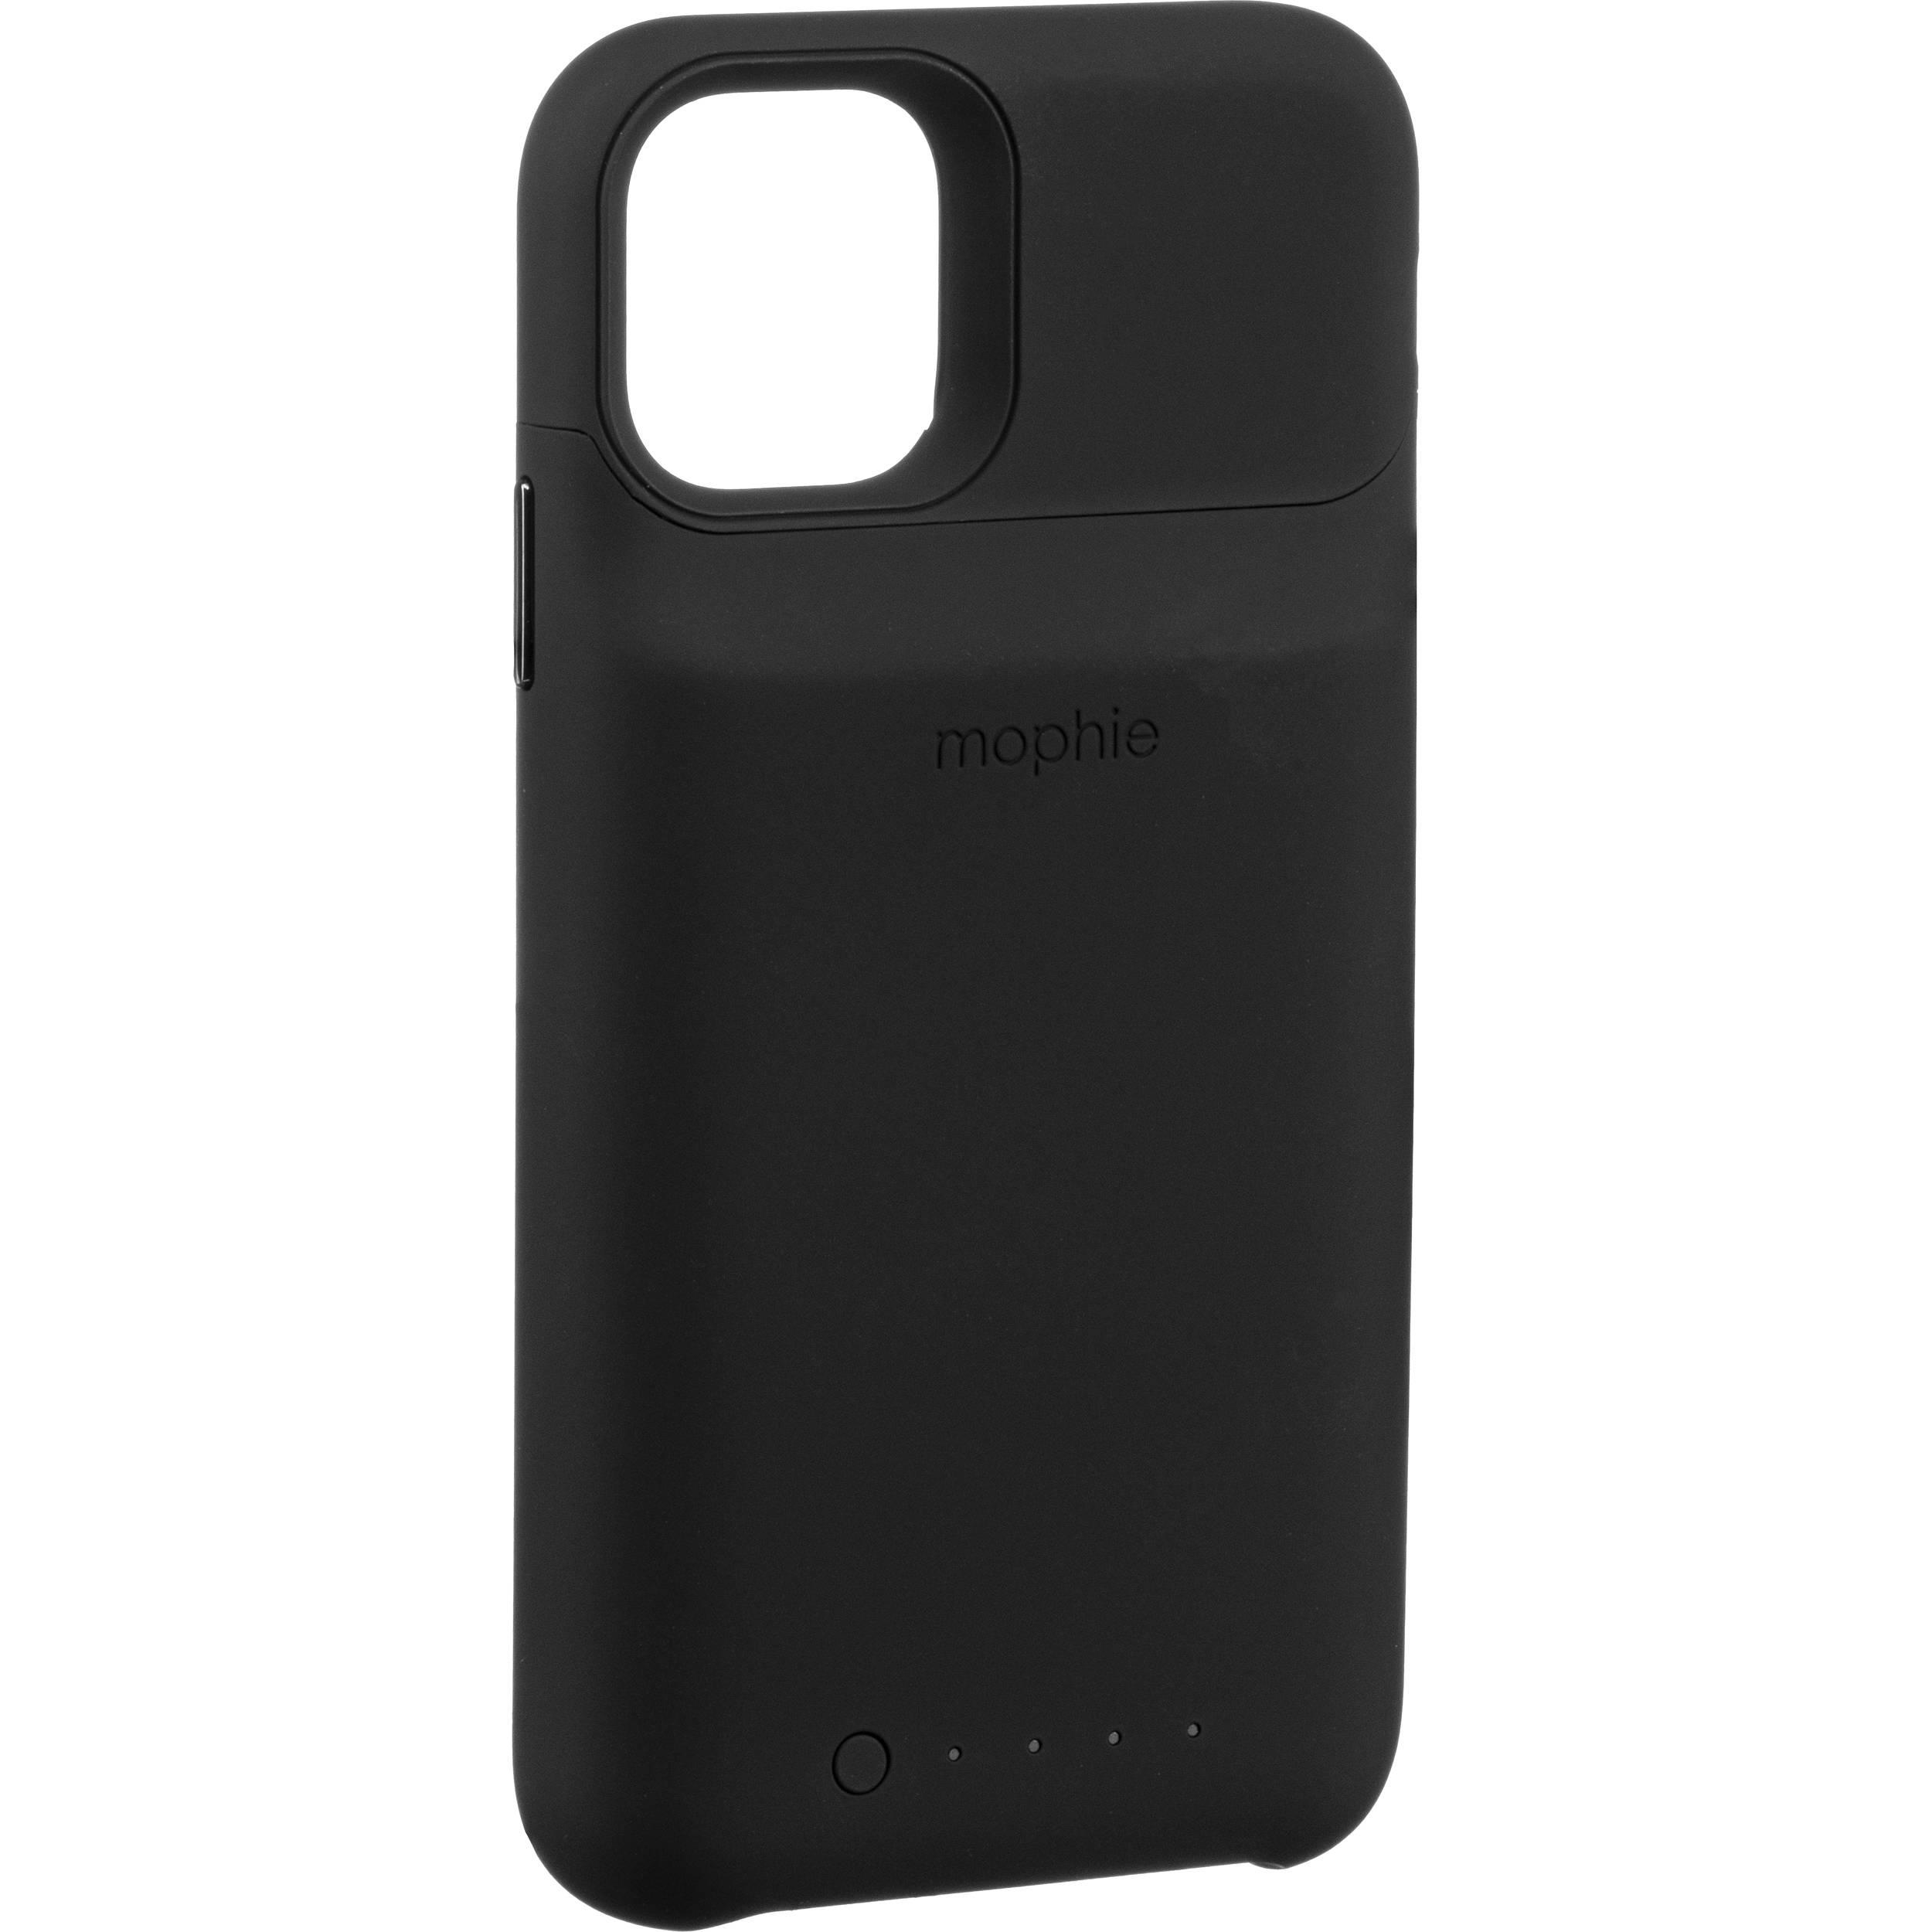 Mophie Juice Pack Access For Iphone 11 Pro Black 401004411 B H En ucuz mophie modelleri ve kampanyalar hakkında bilgi almak için tıklayın! mophie juice pack access for iphone 11 pro black